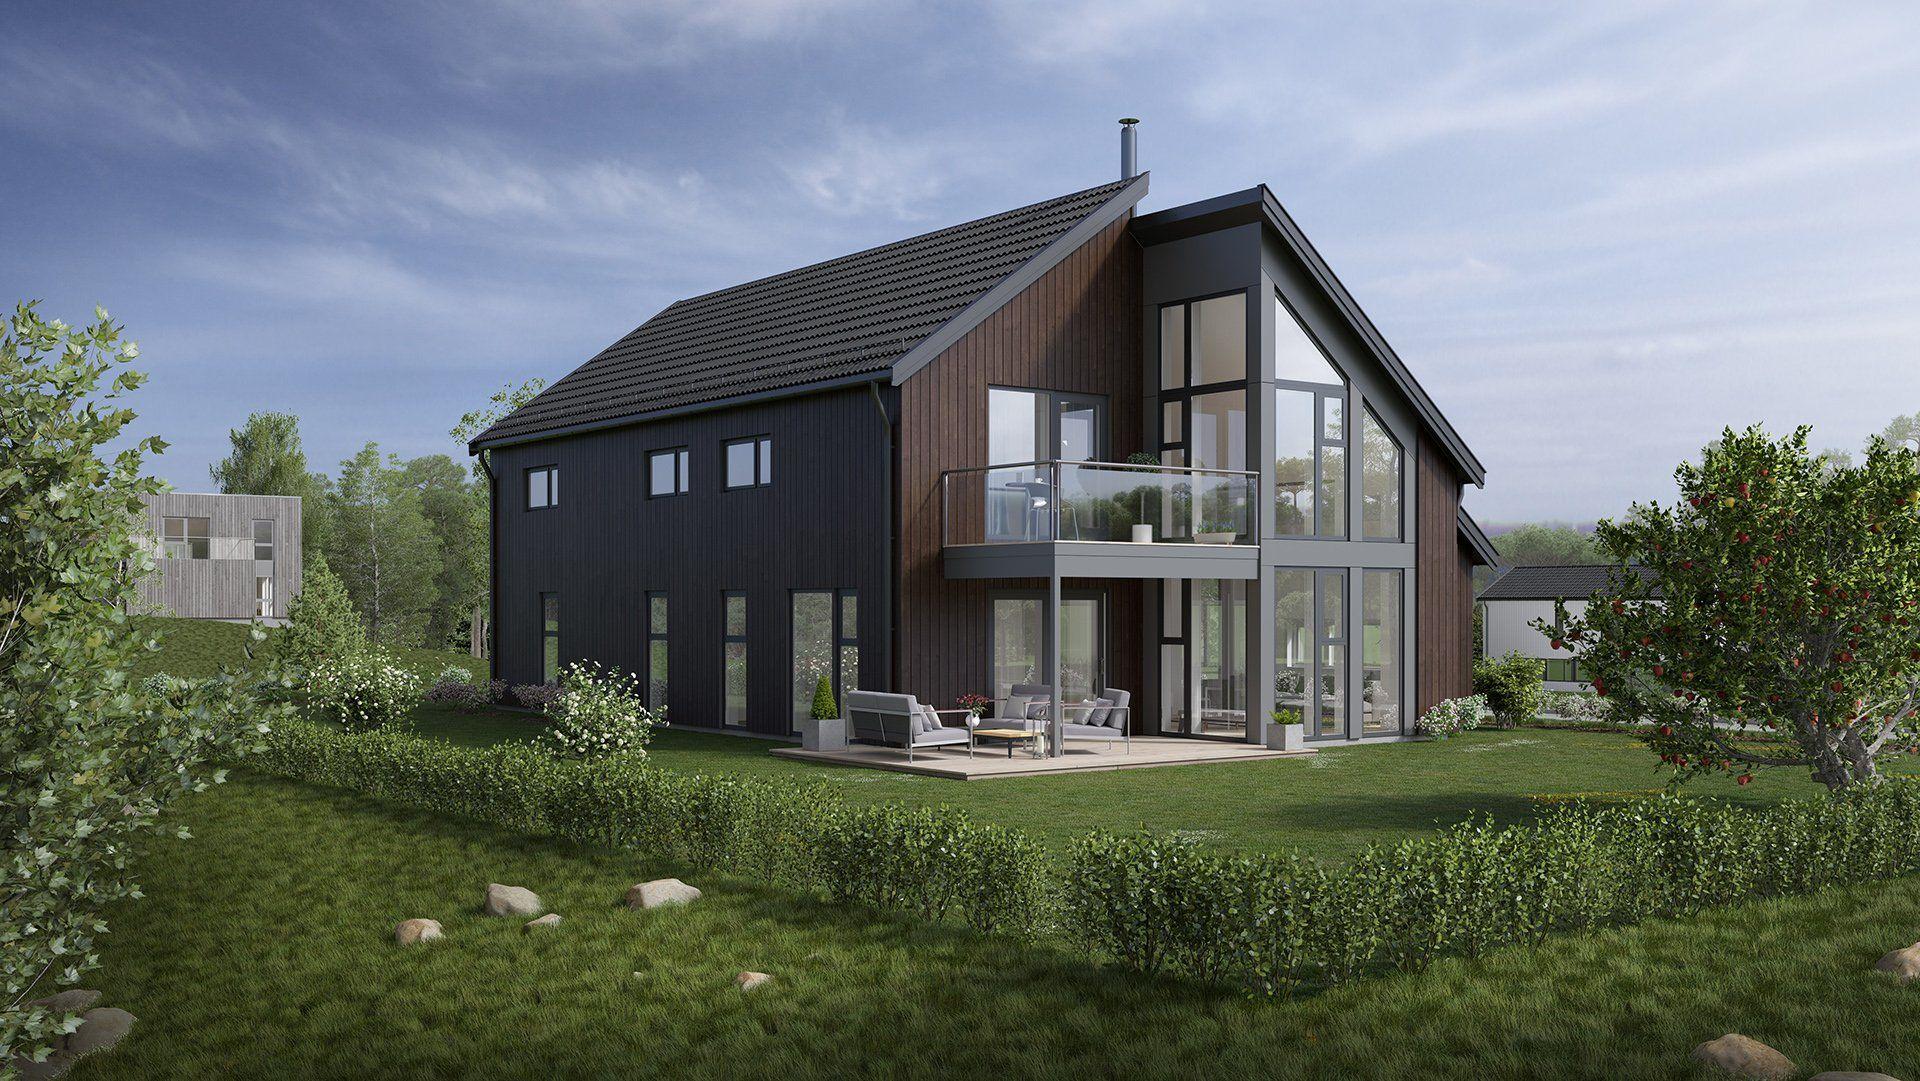 Bilde av husmodellen Nova fra Norgeshus